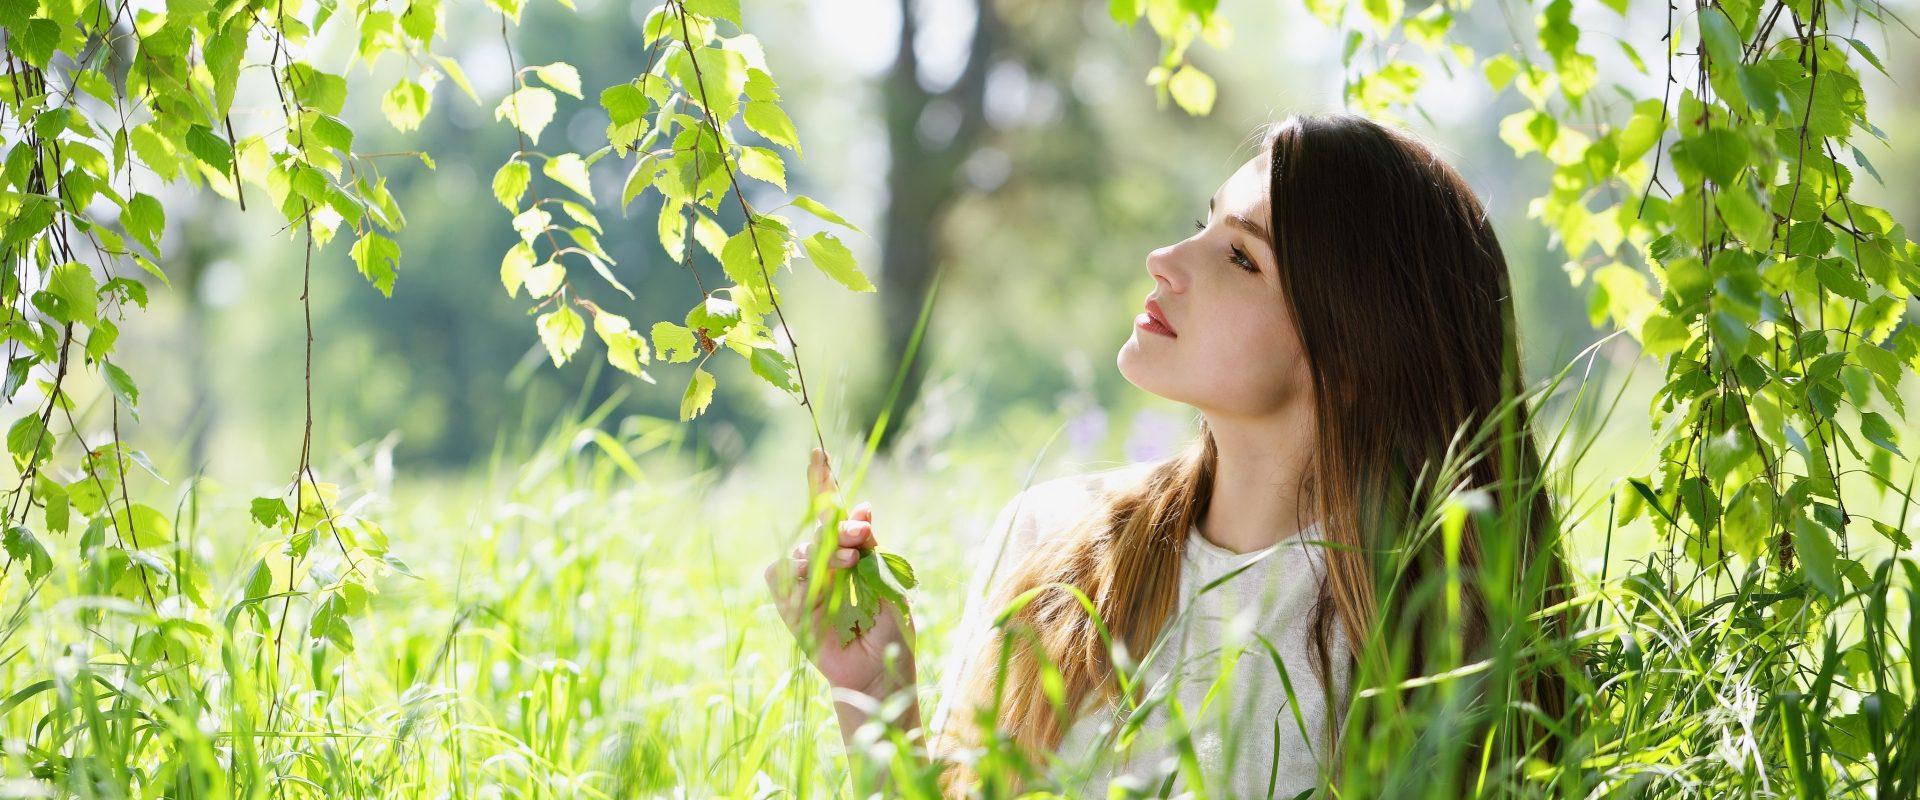 Zjedz sobie las, czyli które drzewa są jadalne? Kobieta przygląda się liściom brzozy.